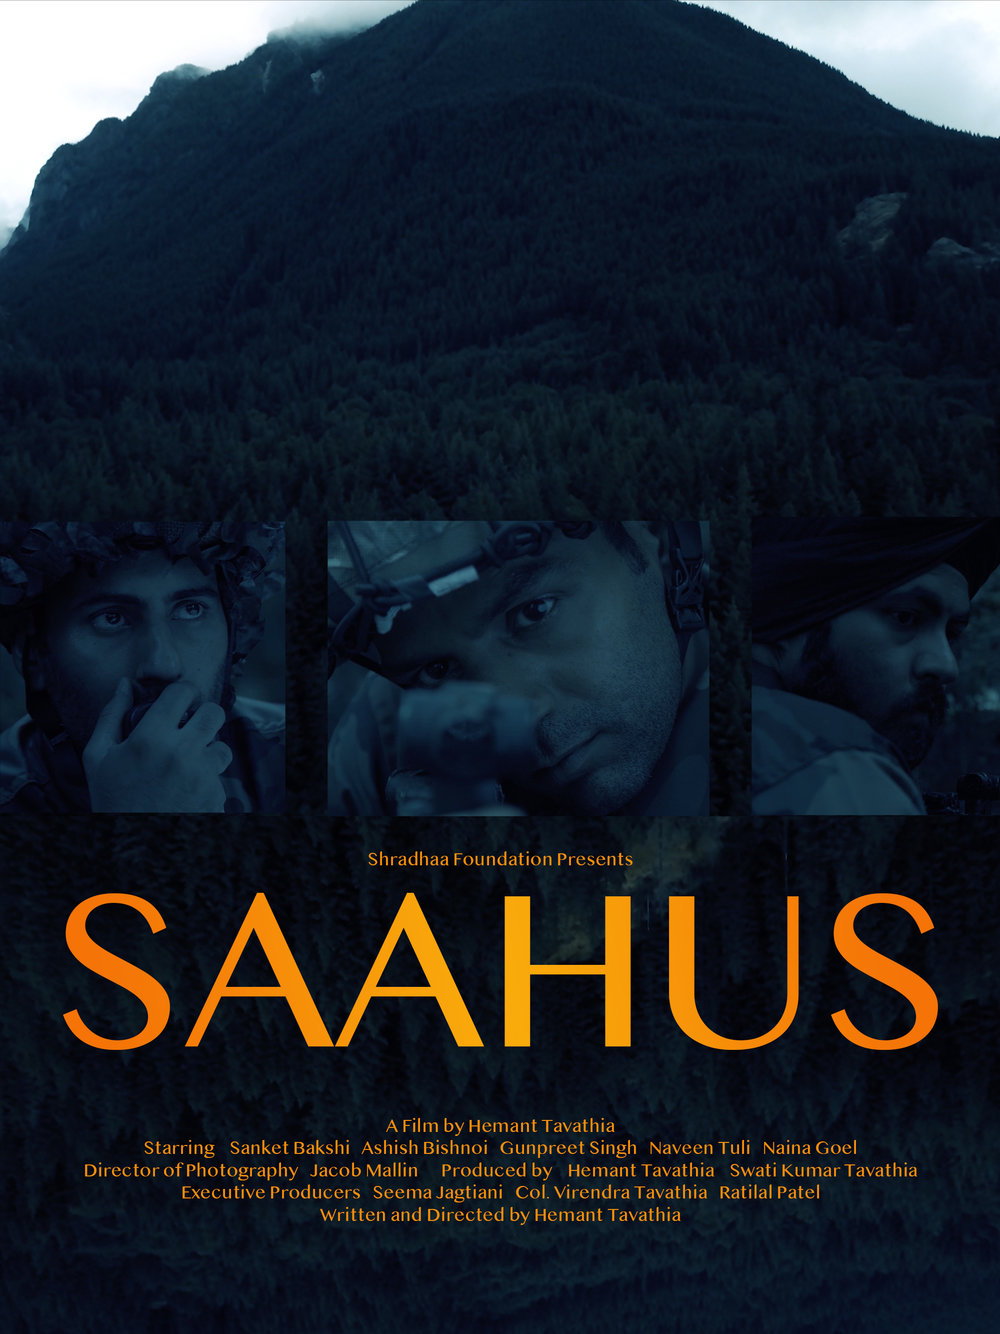 Saahus Film Poster LR.jpg